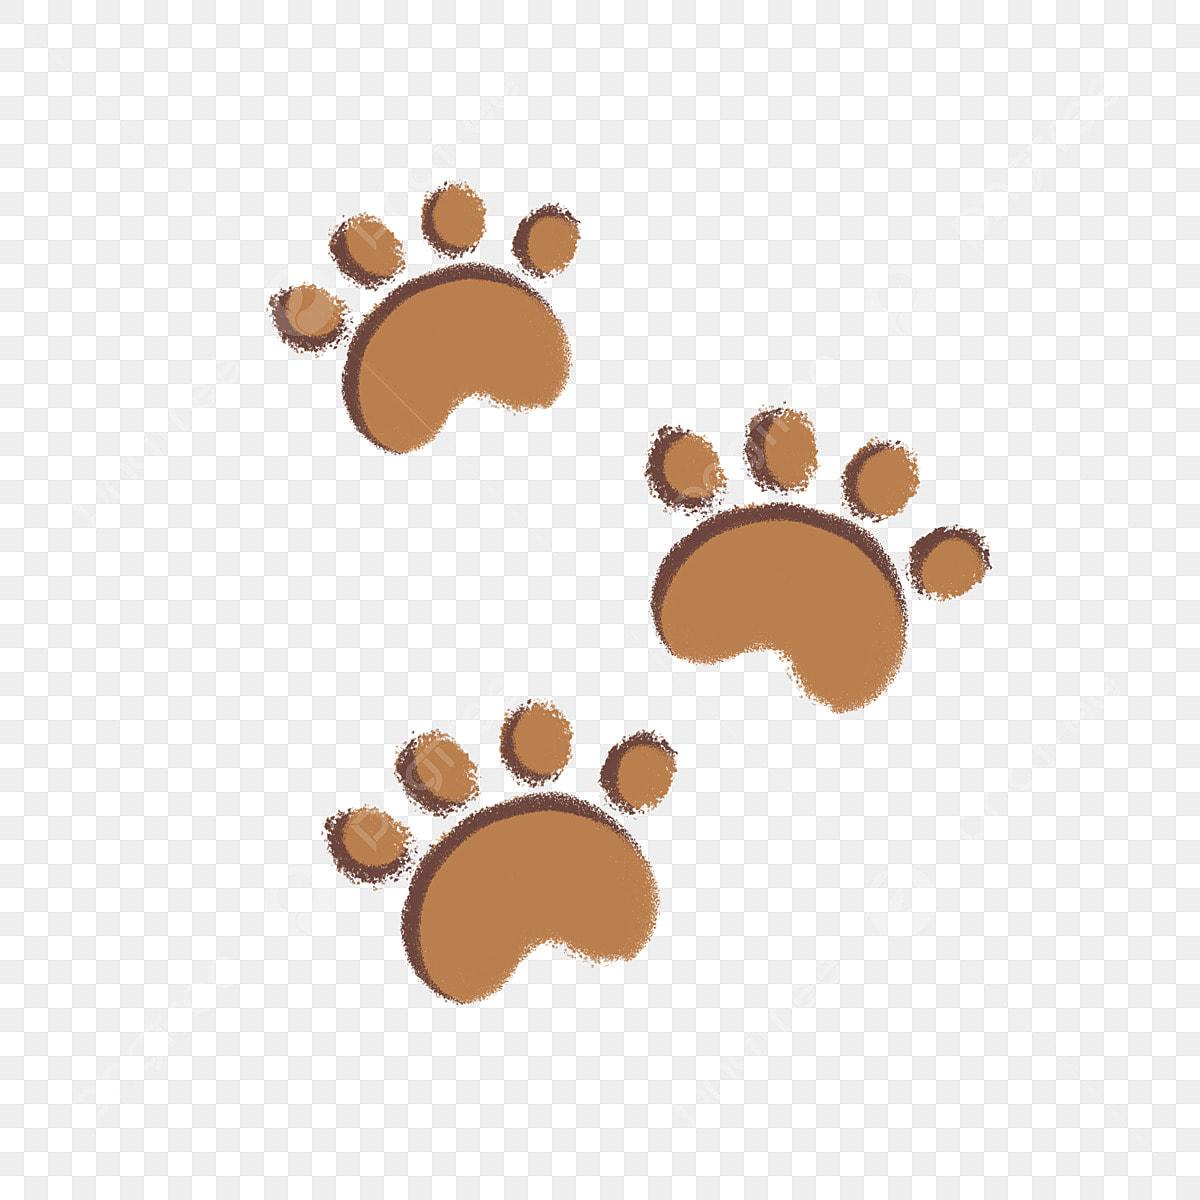 漫画動物のミニマリストの足跡イラスト 沈んだ足跡 3つの足跡 かわいい 沈んだ足跡 3つの足跡 猫の足跡 画像とpsd素材ファイルの無料ダウンロード Pngtree